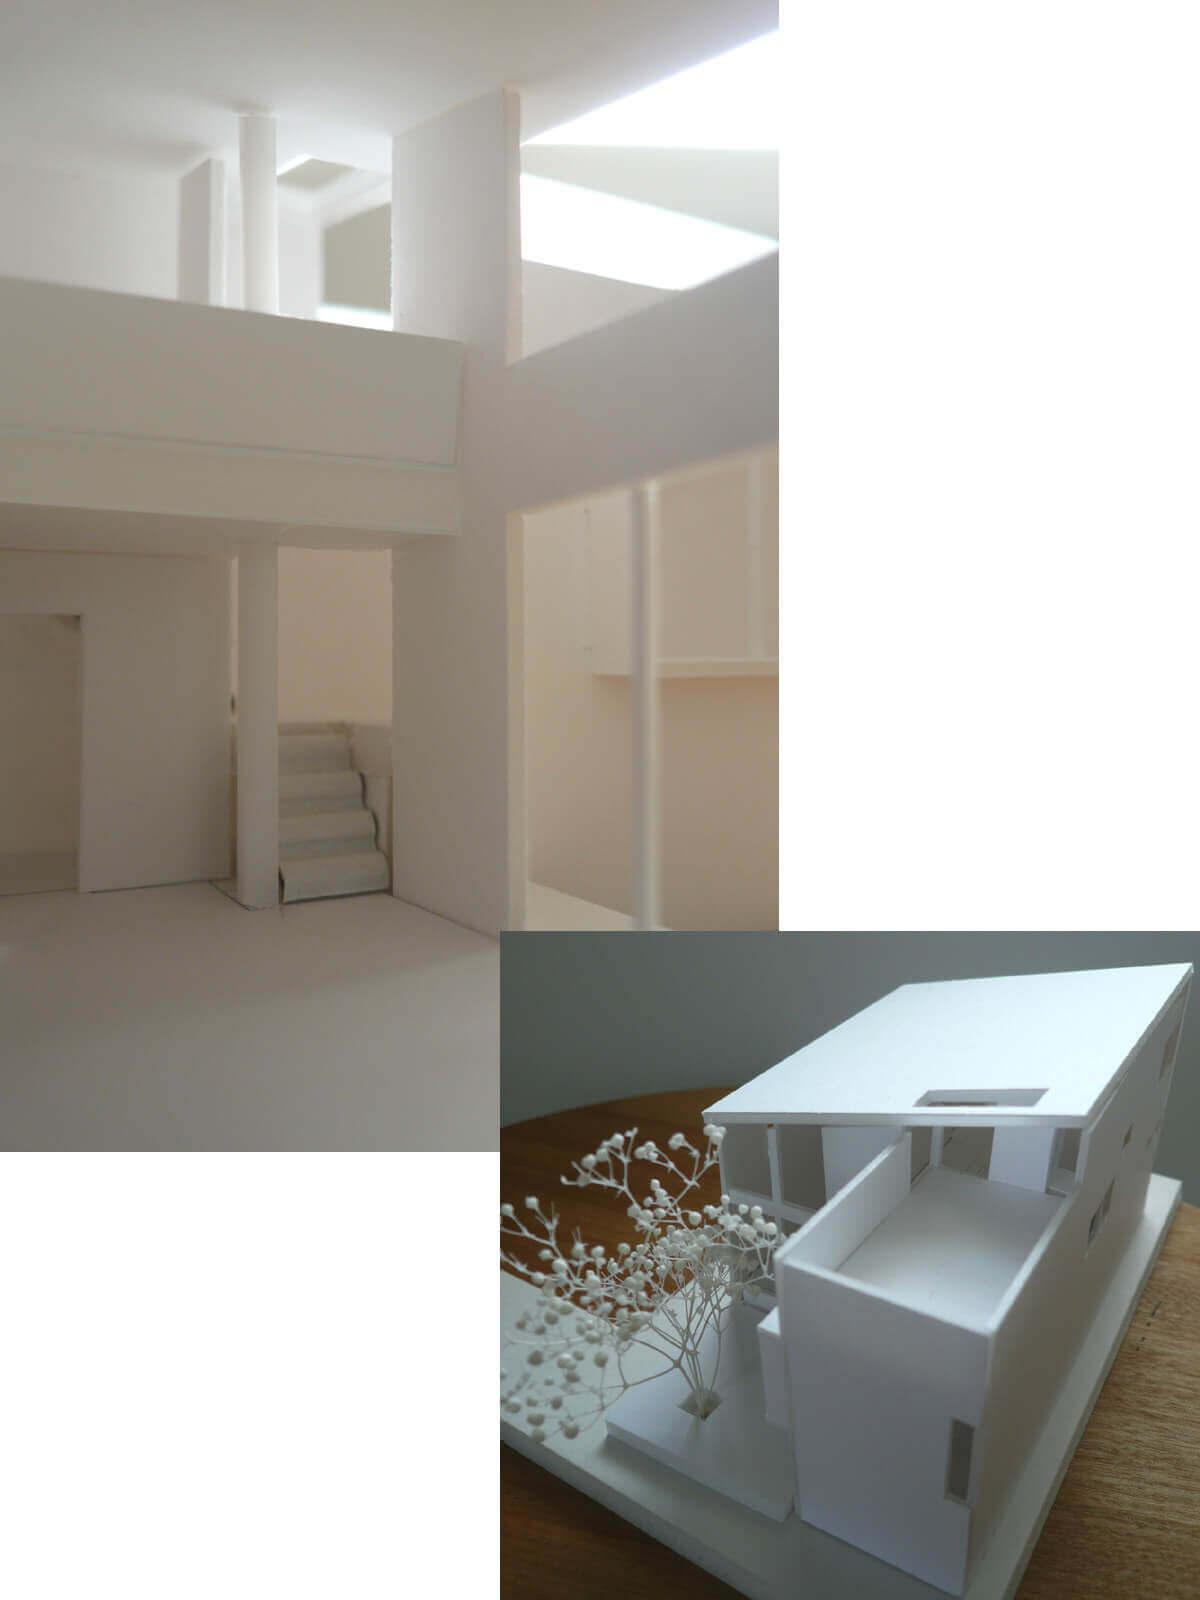 登戸Y邸のトライアル案、1/100の模型